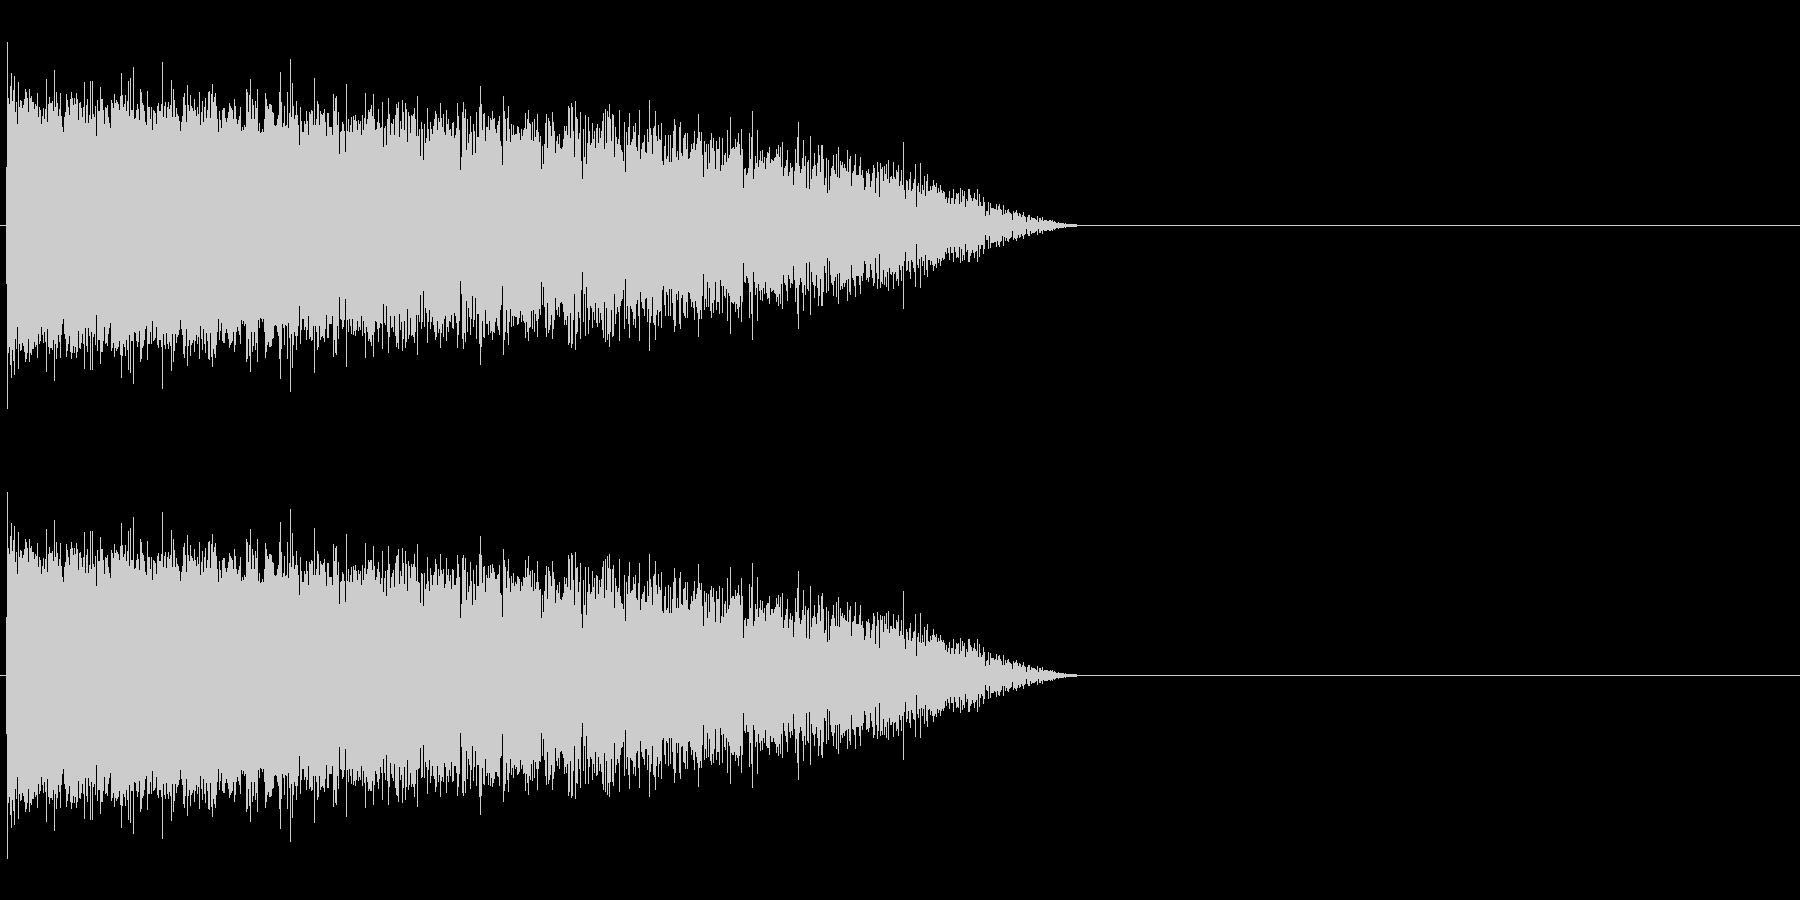 魔法音14の未再生の波形